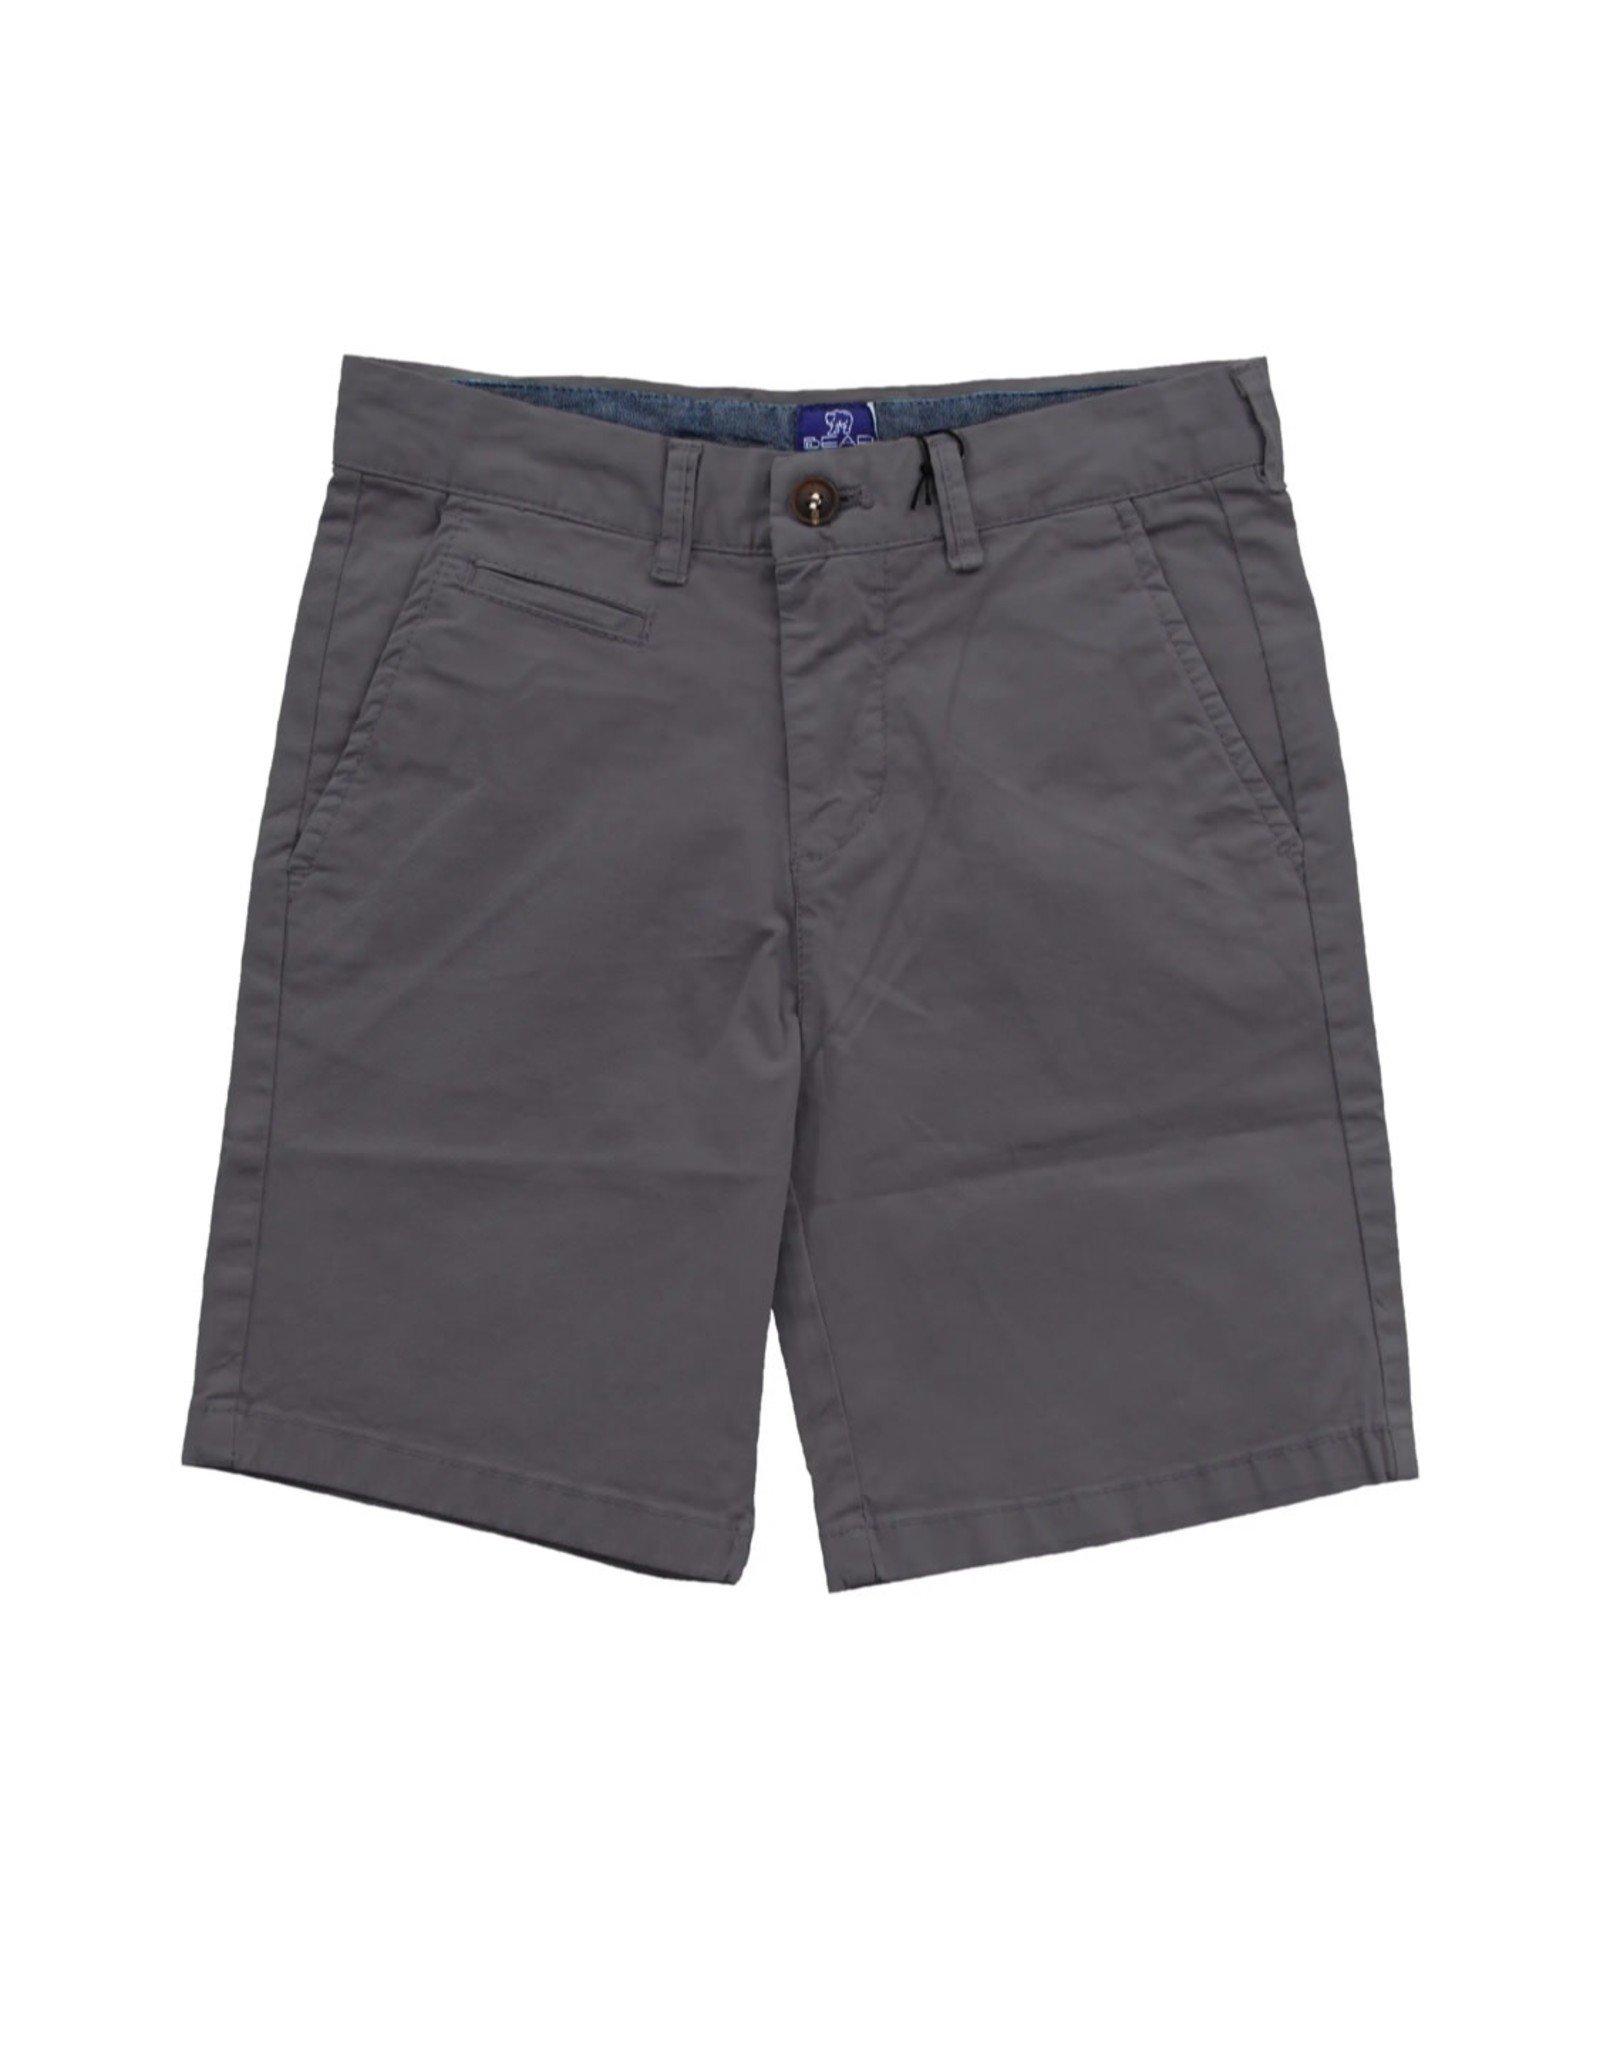 Bear Camp Bear Camp- Ash Grey Kai Twill Toddler Shorts